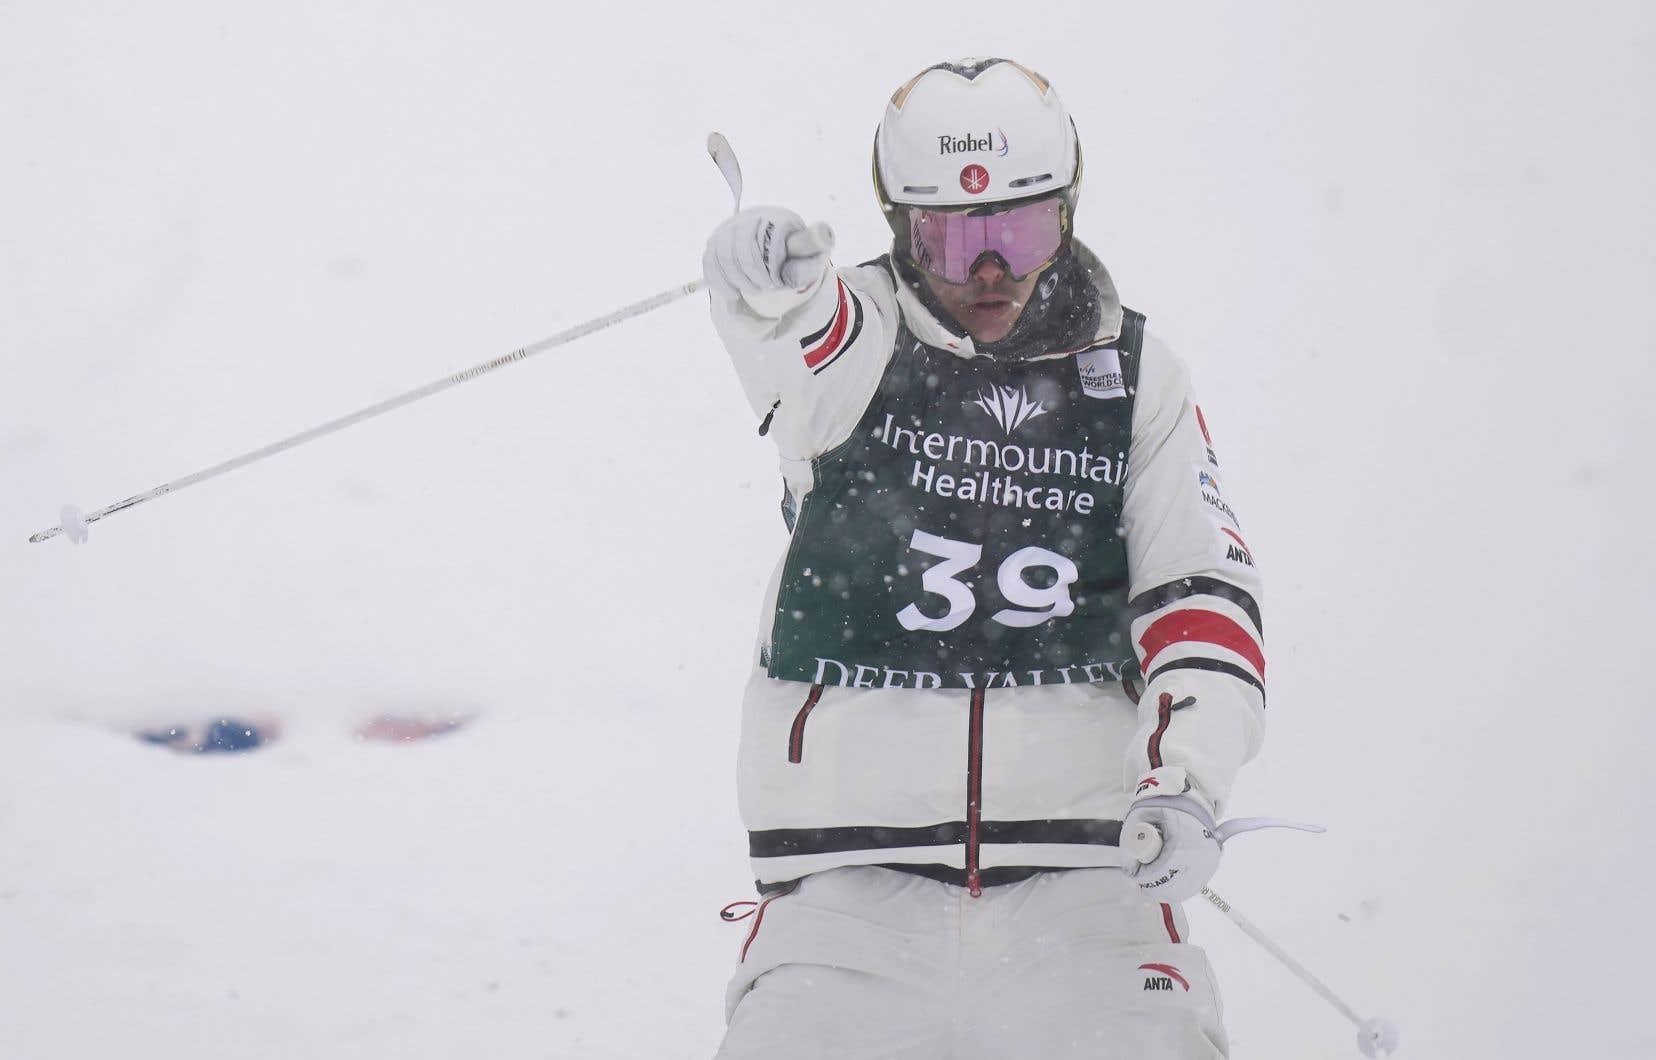 À 28ans, Mikaël Kingsbury ajoute un cinquième titre mondial à son palmarès, un troisième en bosses individuelles après ceux à Deer Valley en 2019 et à Voss en Norvège en 2013. On le voit ici à Deer Valley en 2021.